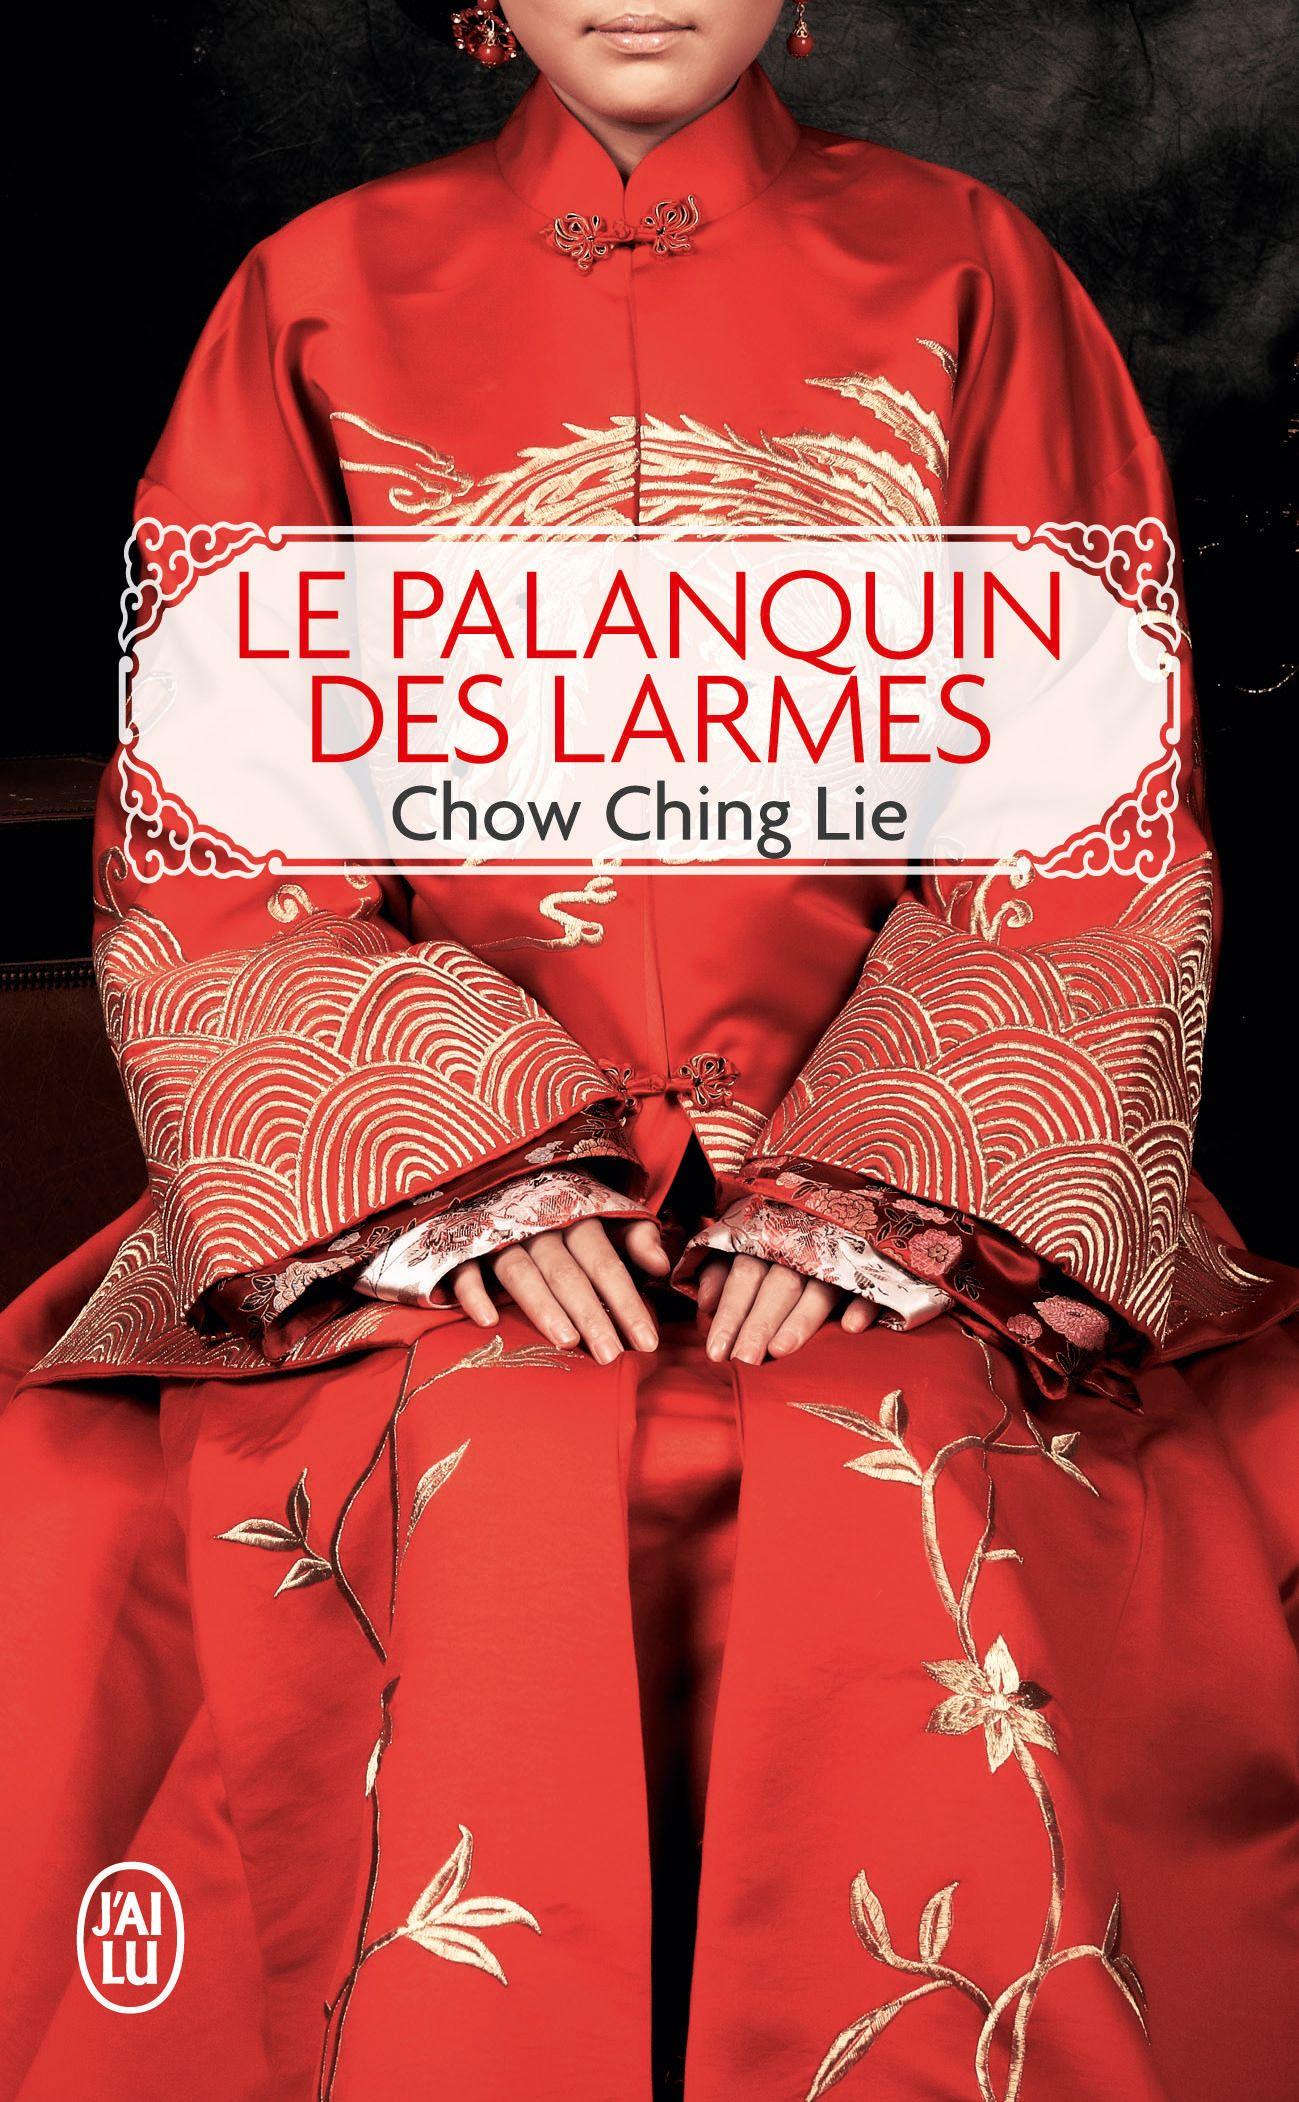 Chow Ching LIE // Le palanquin des larmes // Mariée de force lors de